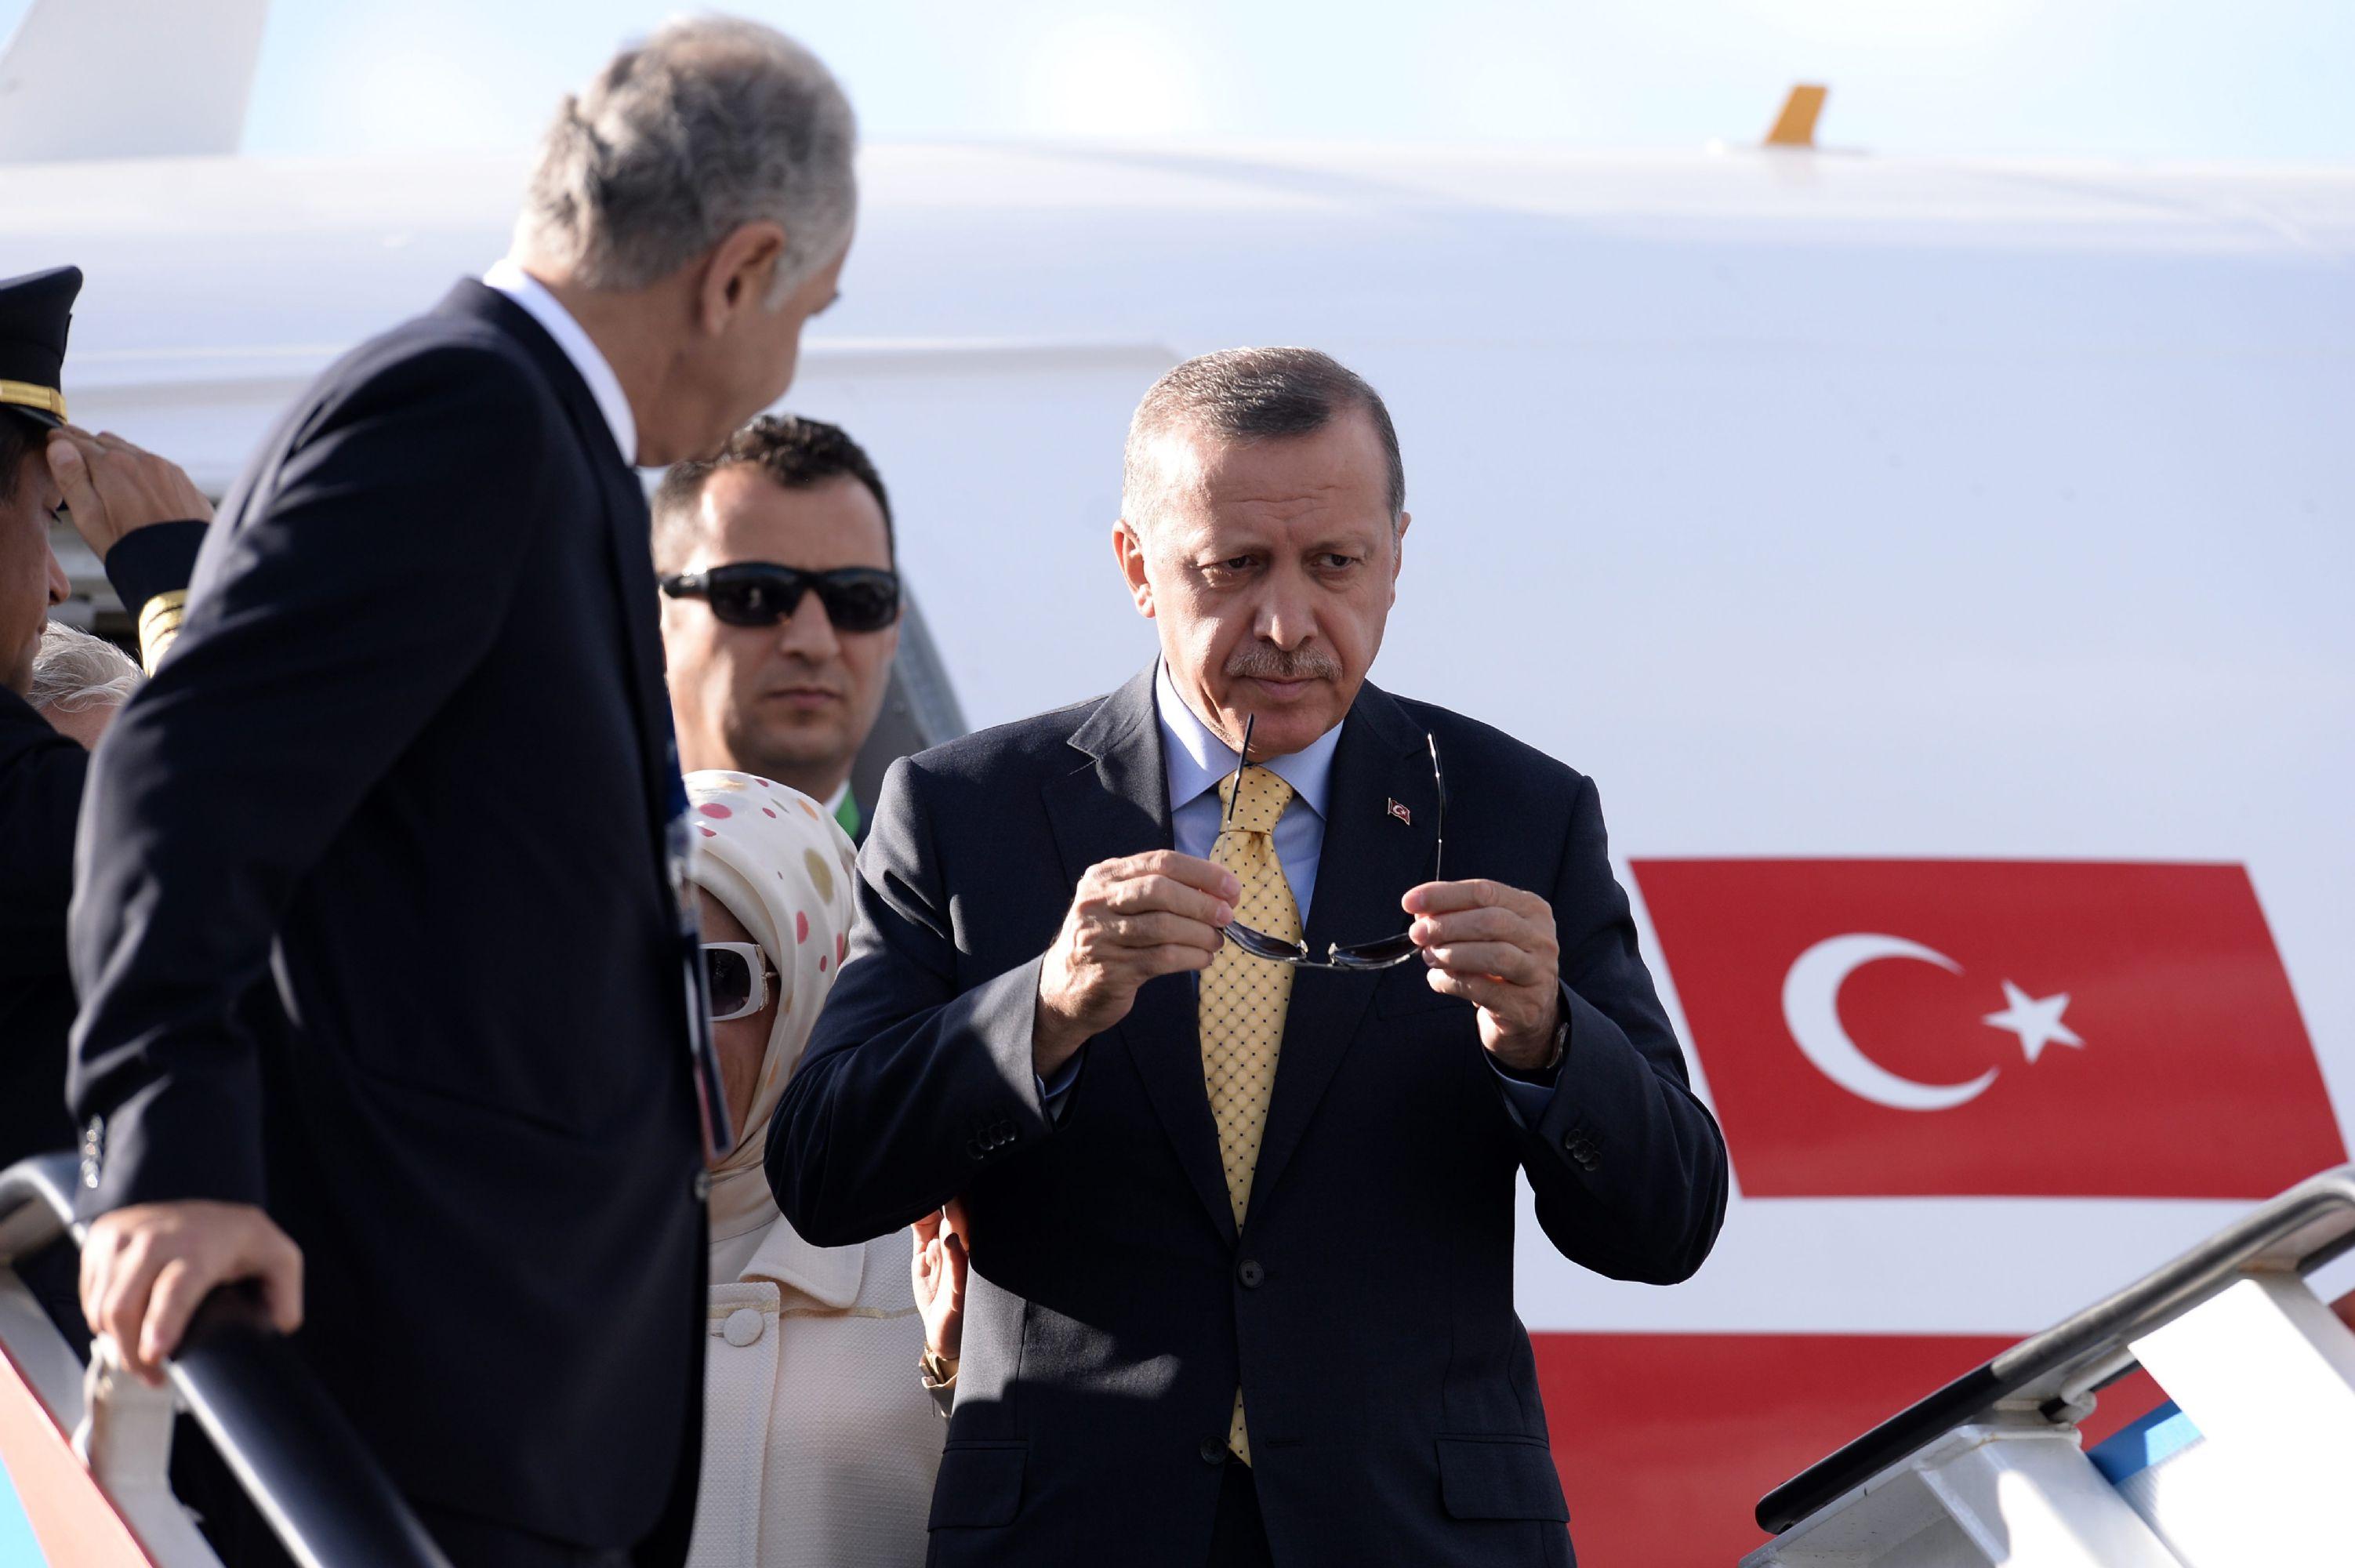 Ερντογάν: Οι Έλληνες έχουν εμμονή με τη συνθήκη της Λωζάνης